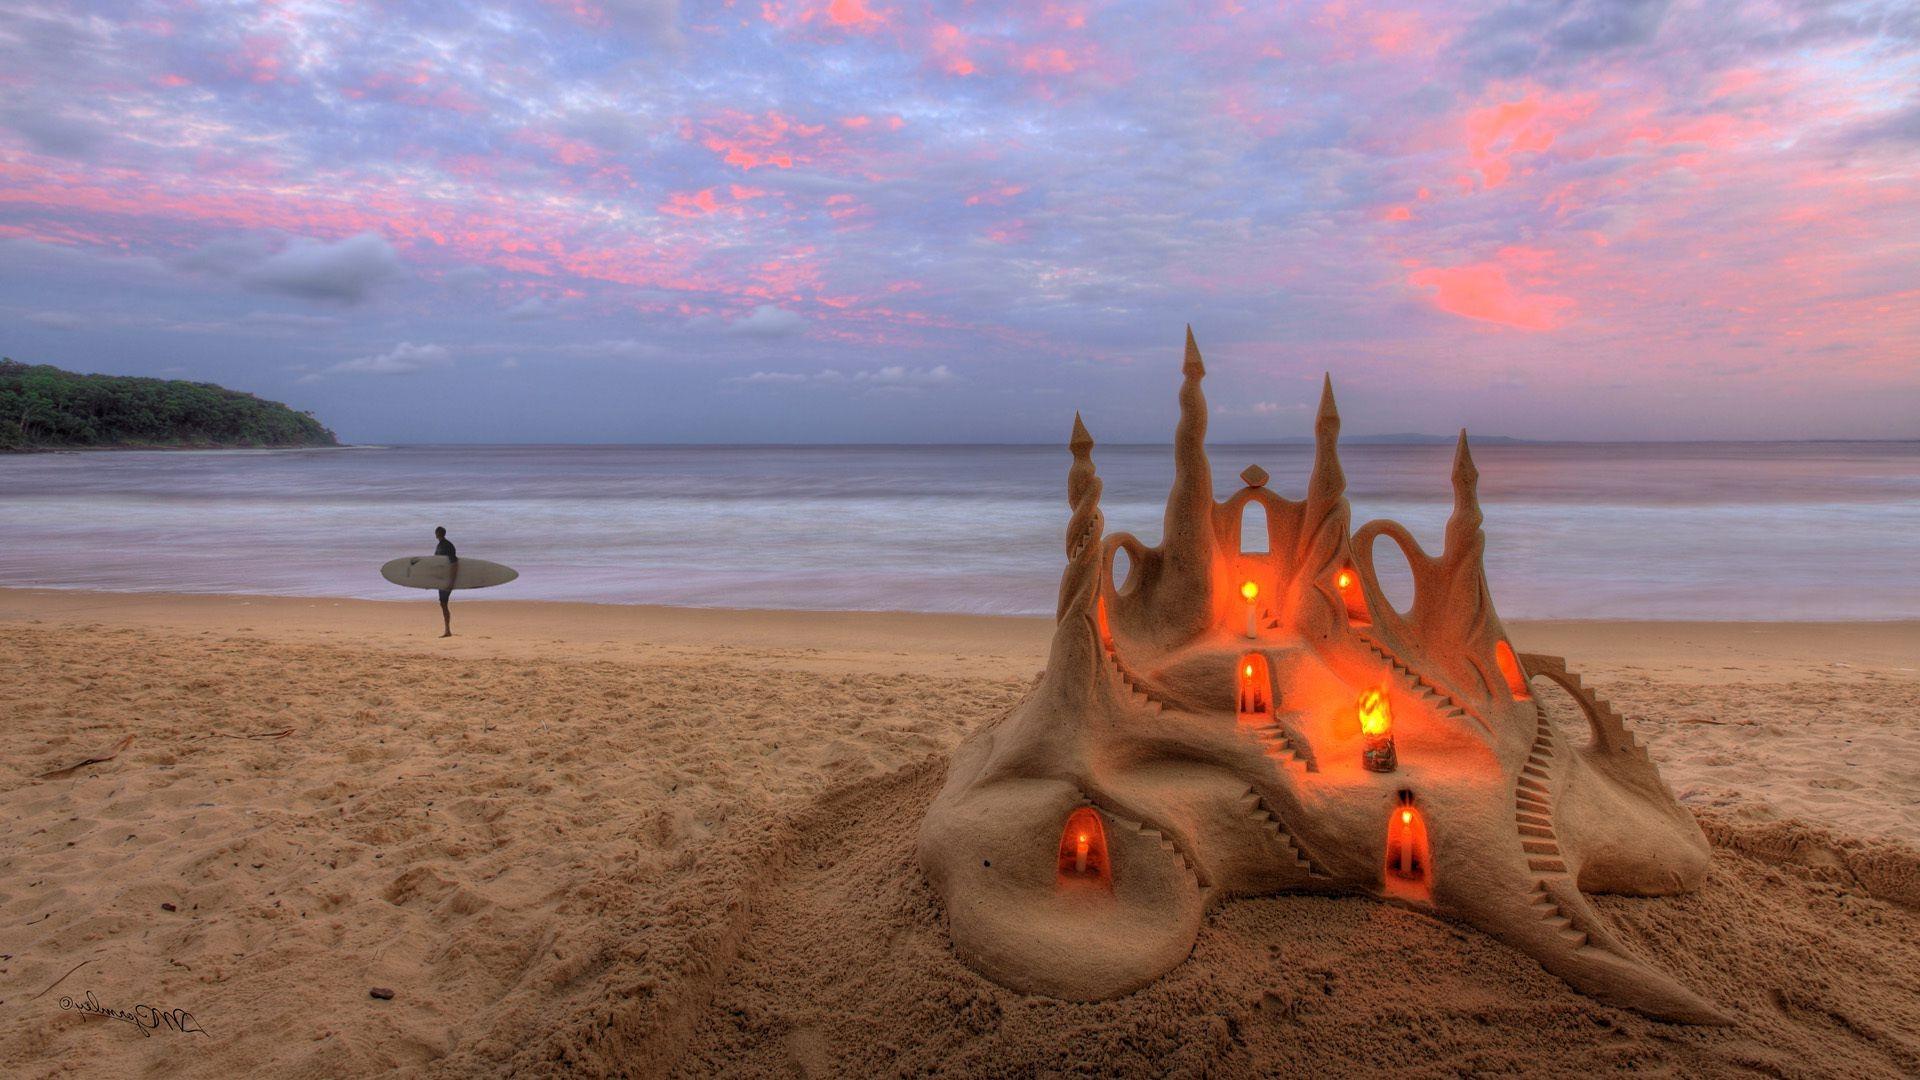 Обои для рабочего стола волны песок ветки берег пена